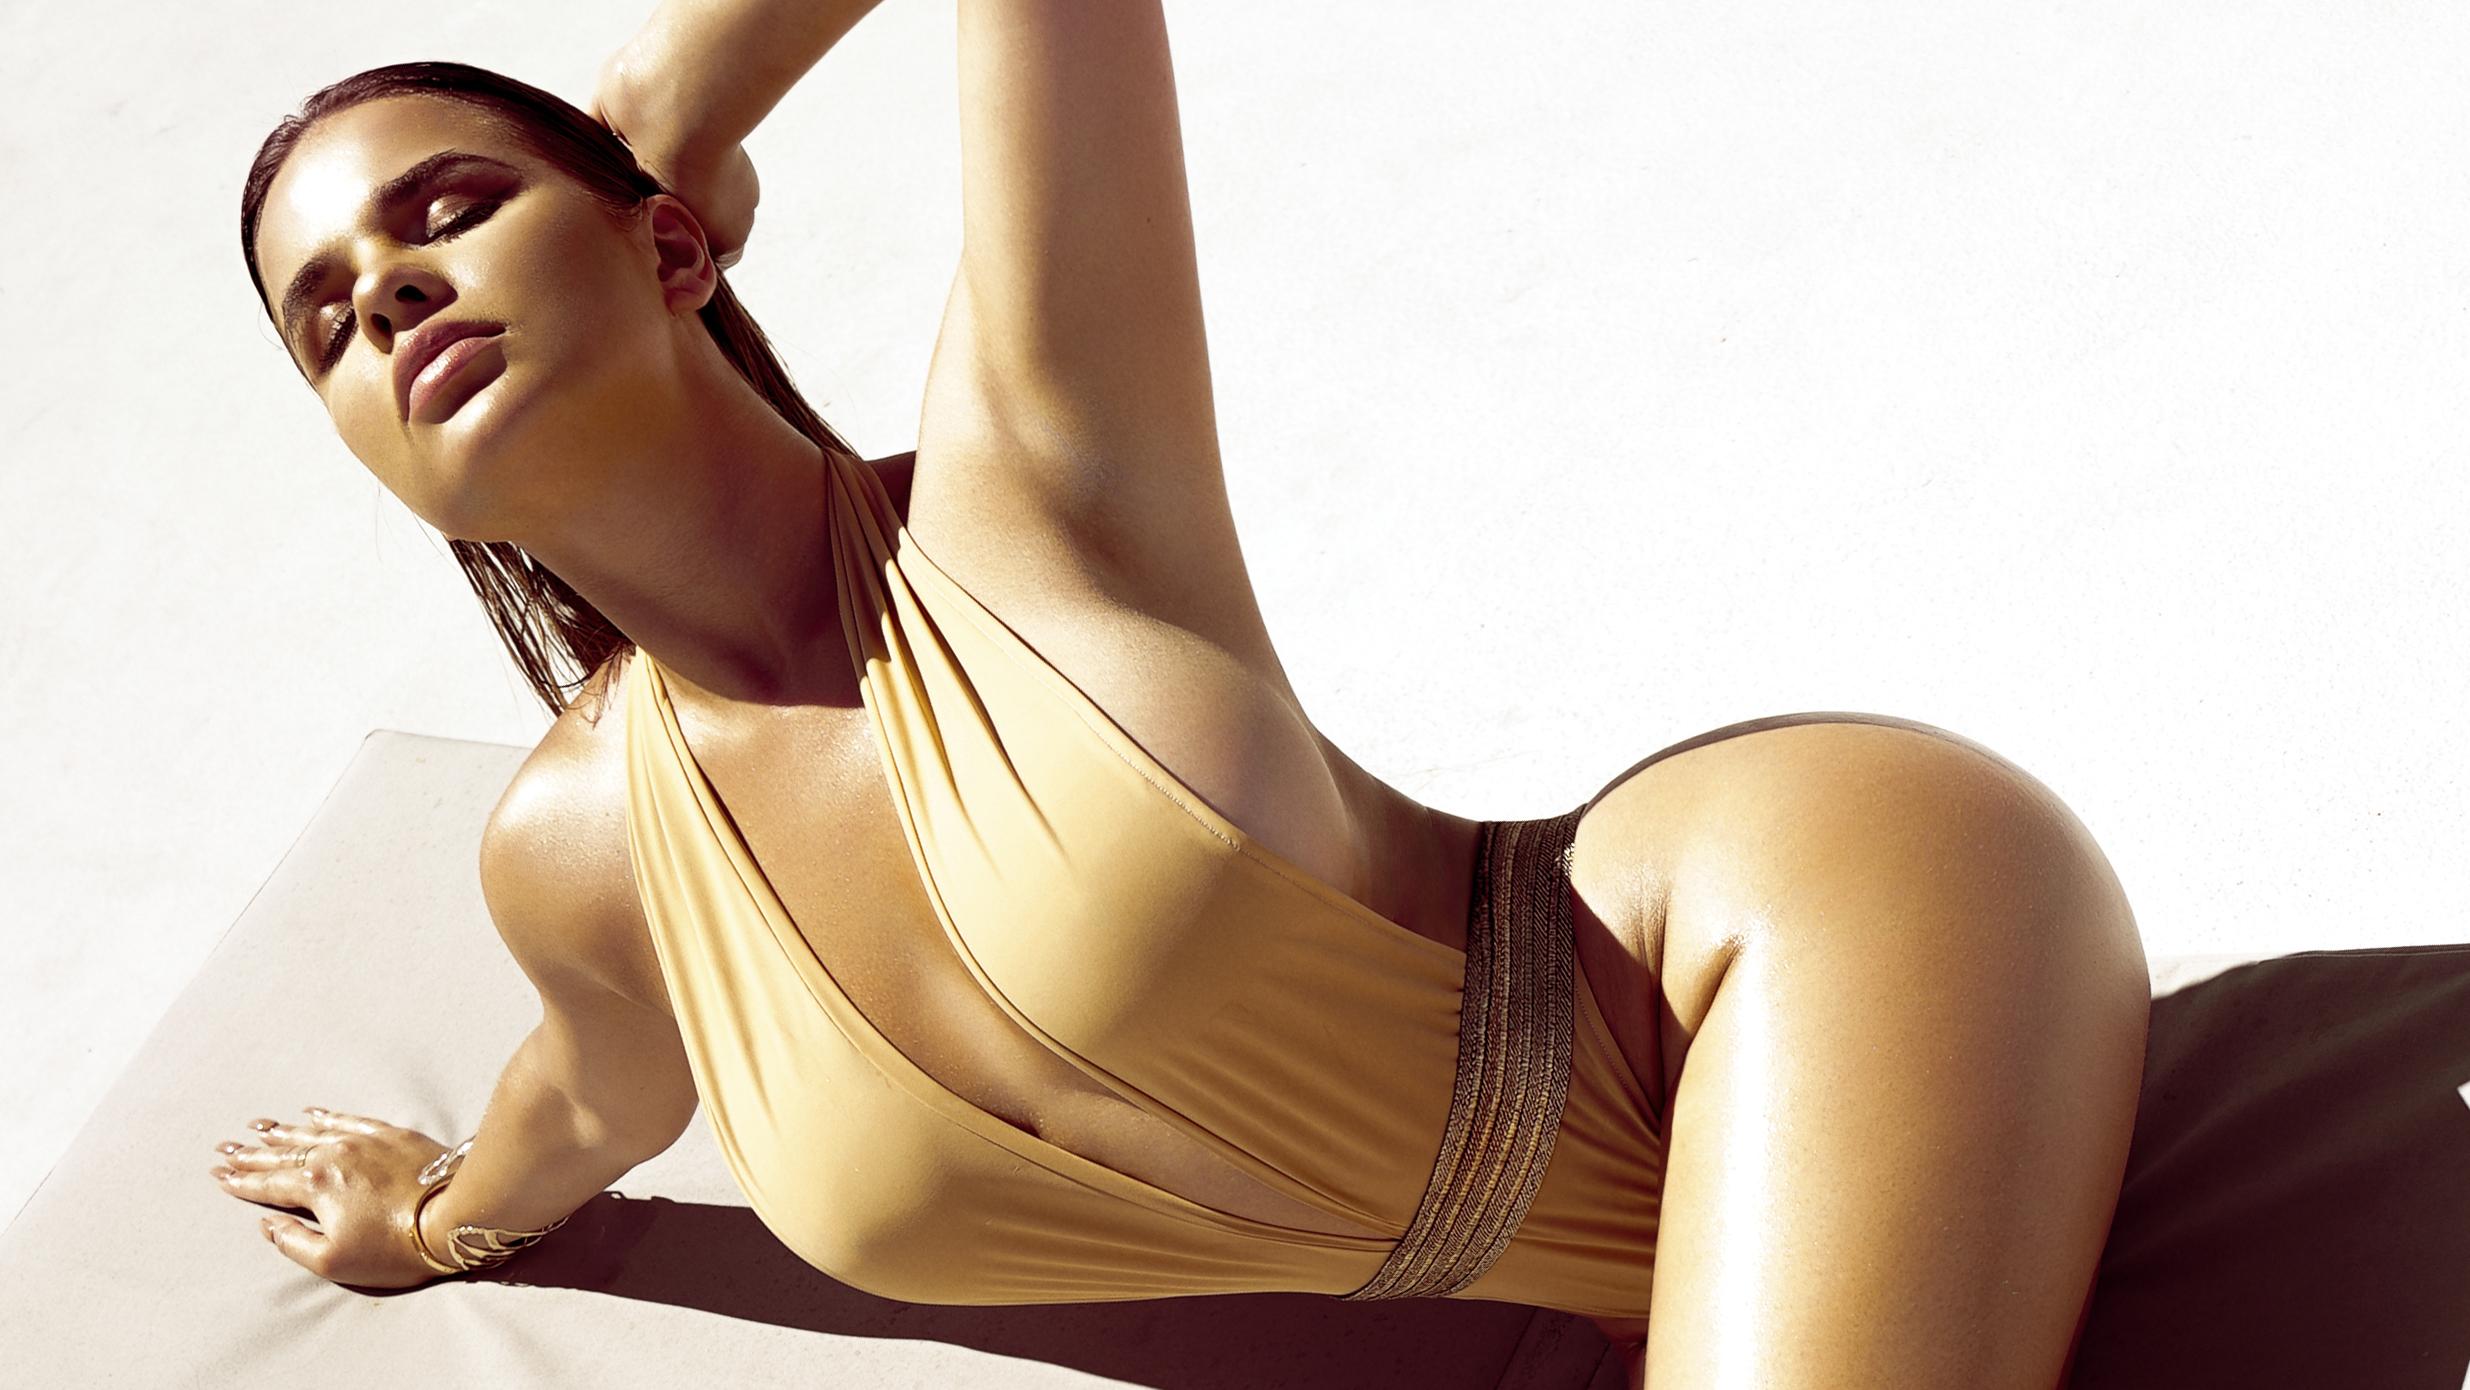 Wallpaper Anastasiya Kvitko Women Model Curvy Russian